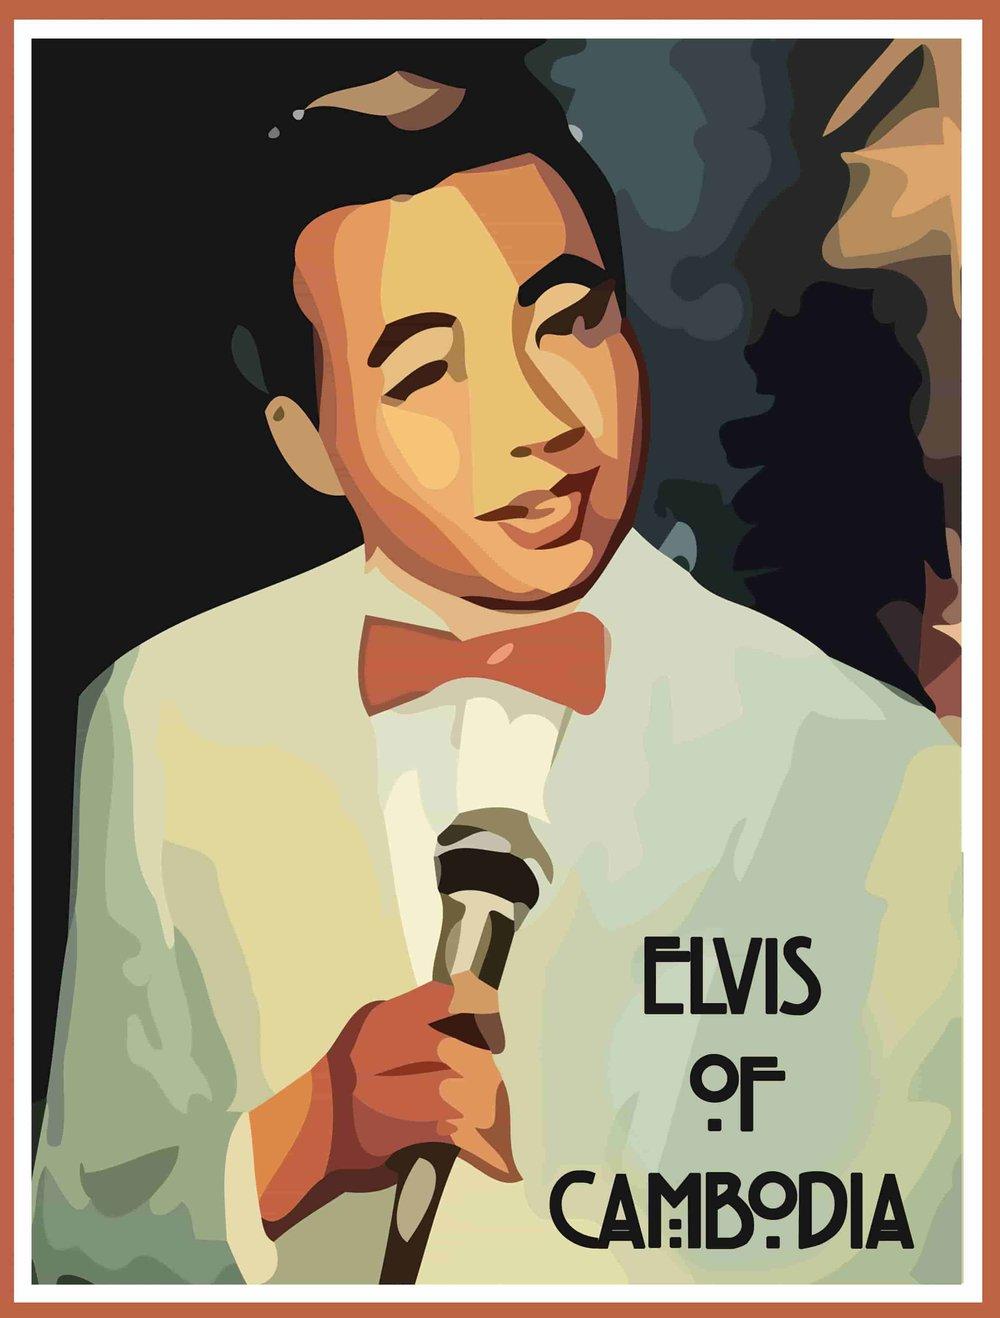 Elvis of Cambodia